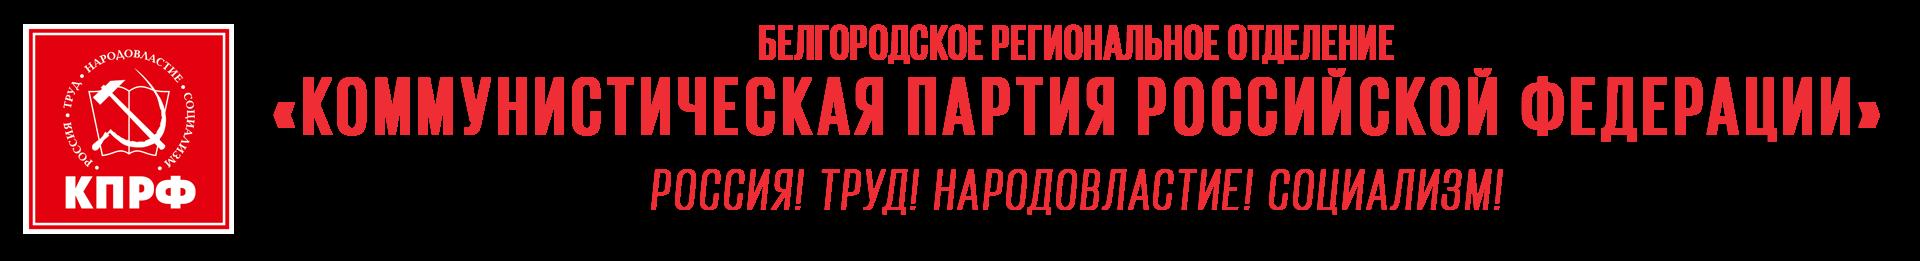 Белгородское региональное отделение КПРФ